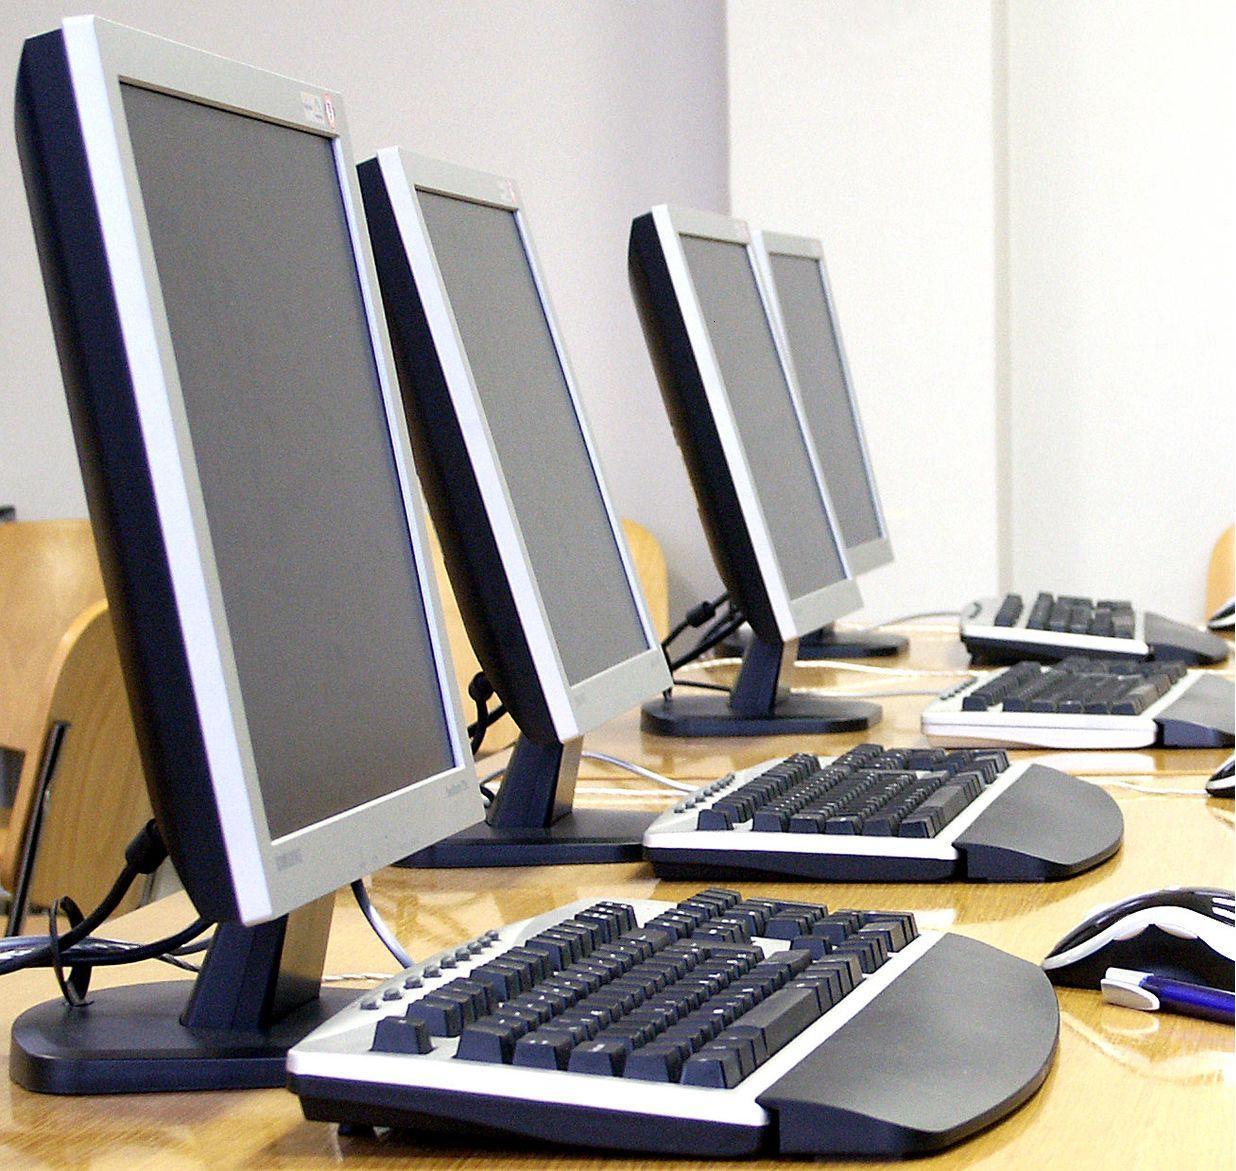 Тонкости техники безопасности при работе с компьютерными устройствами в офисе